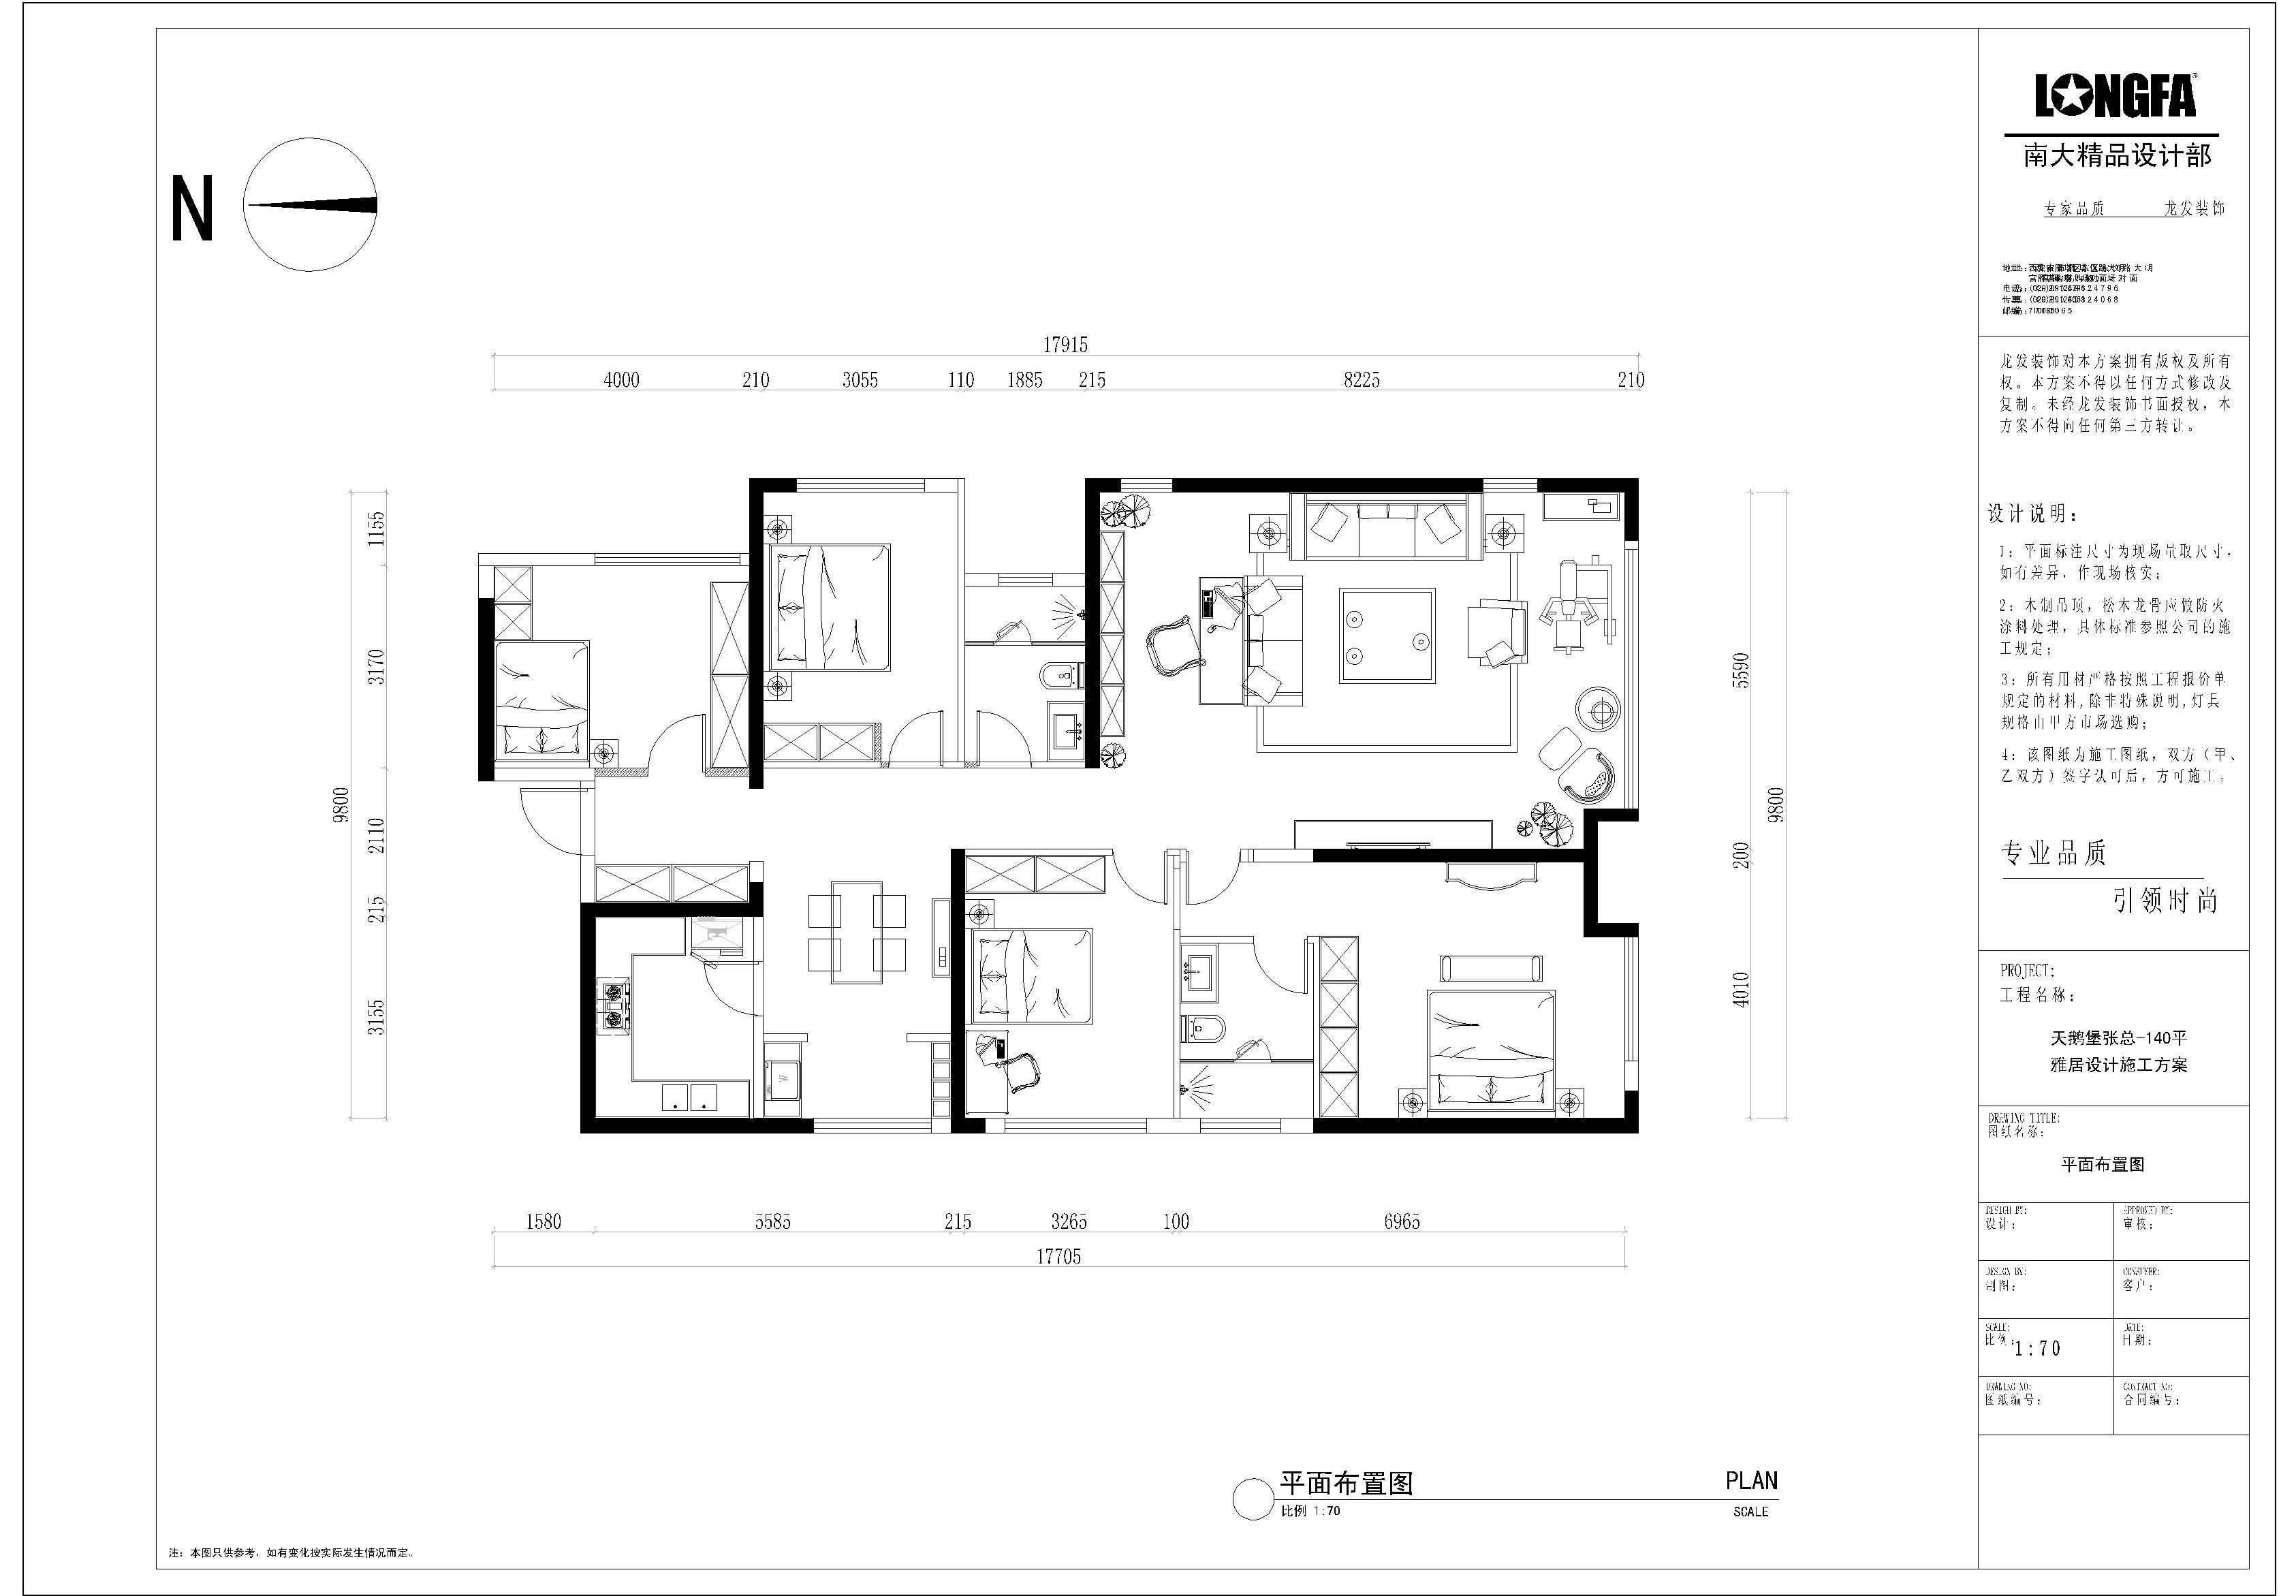 天鹅堡 现代简约风格装修效果图 平层 140㎡装修设计理念